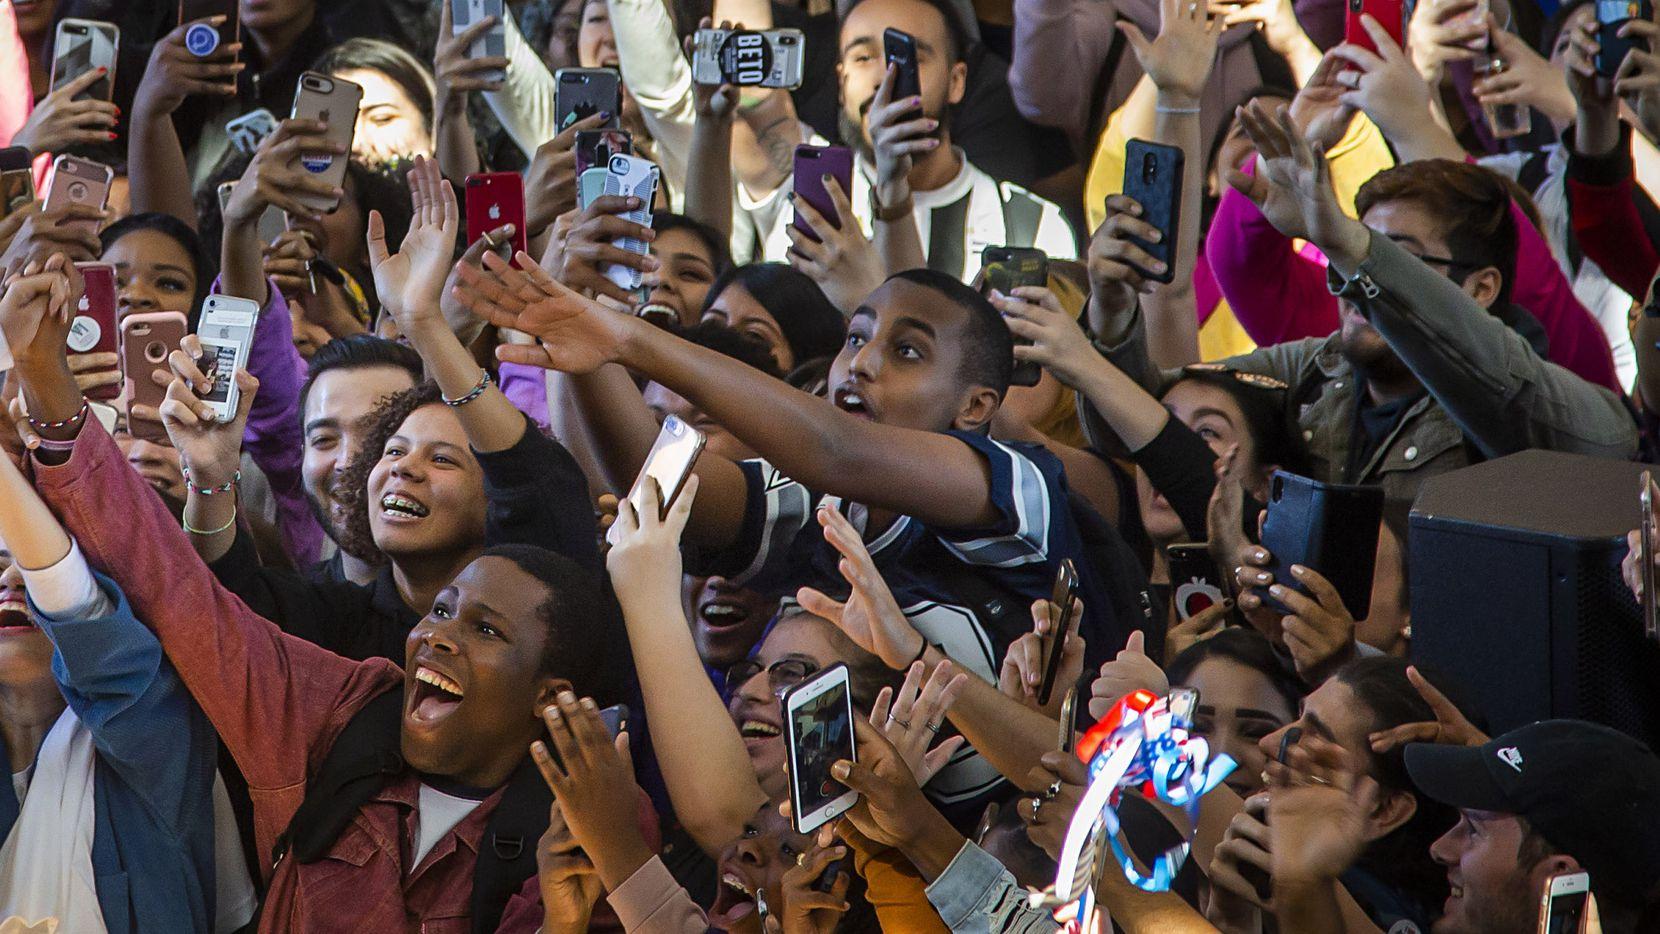 Grupo de jóvenes en el Richland College, en Dallas. DMN